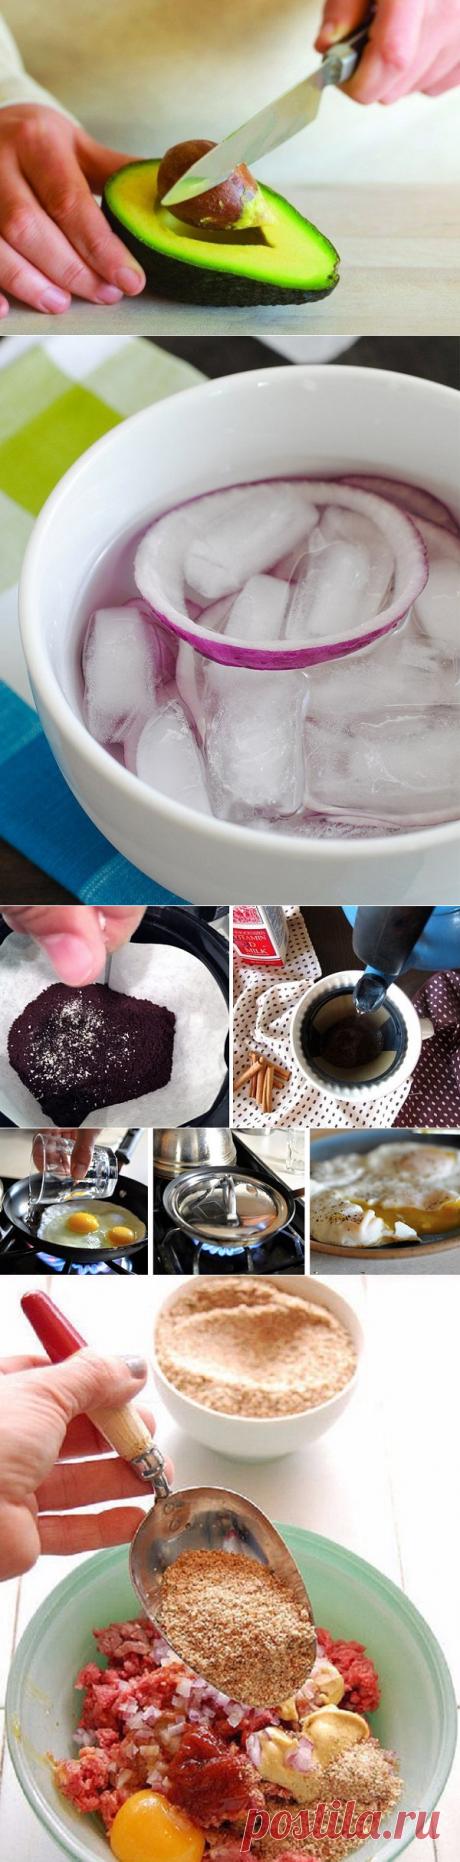 17 трюков для самых удачных блюд!